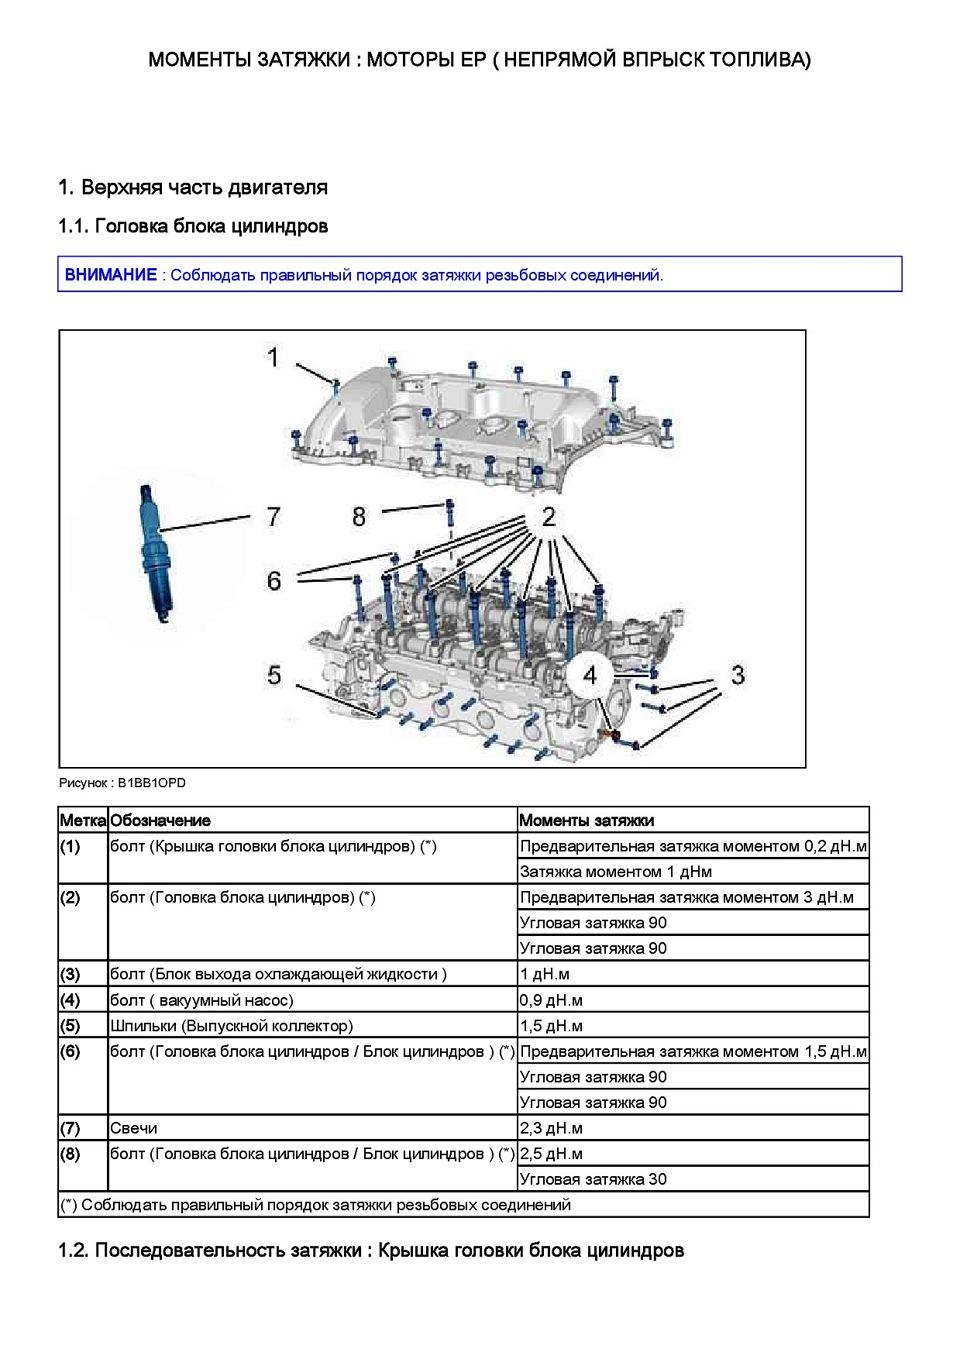 Регулировка клапанов сенс схема